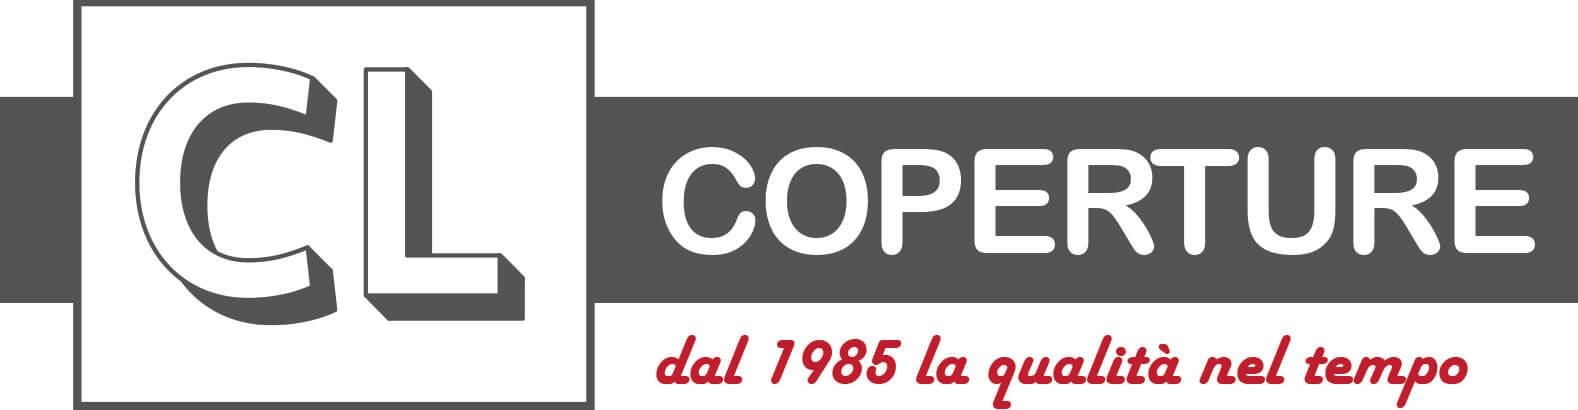 CL Coperture